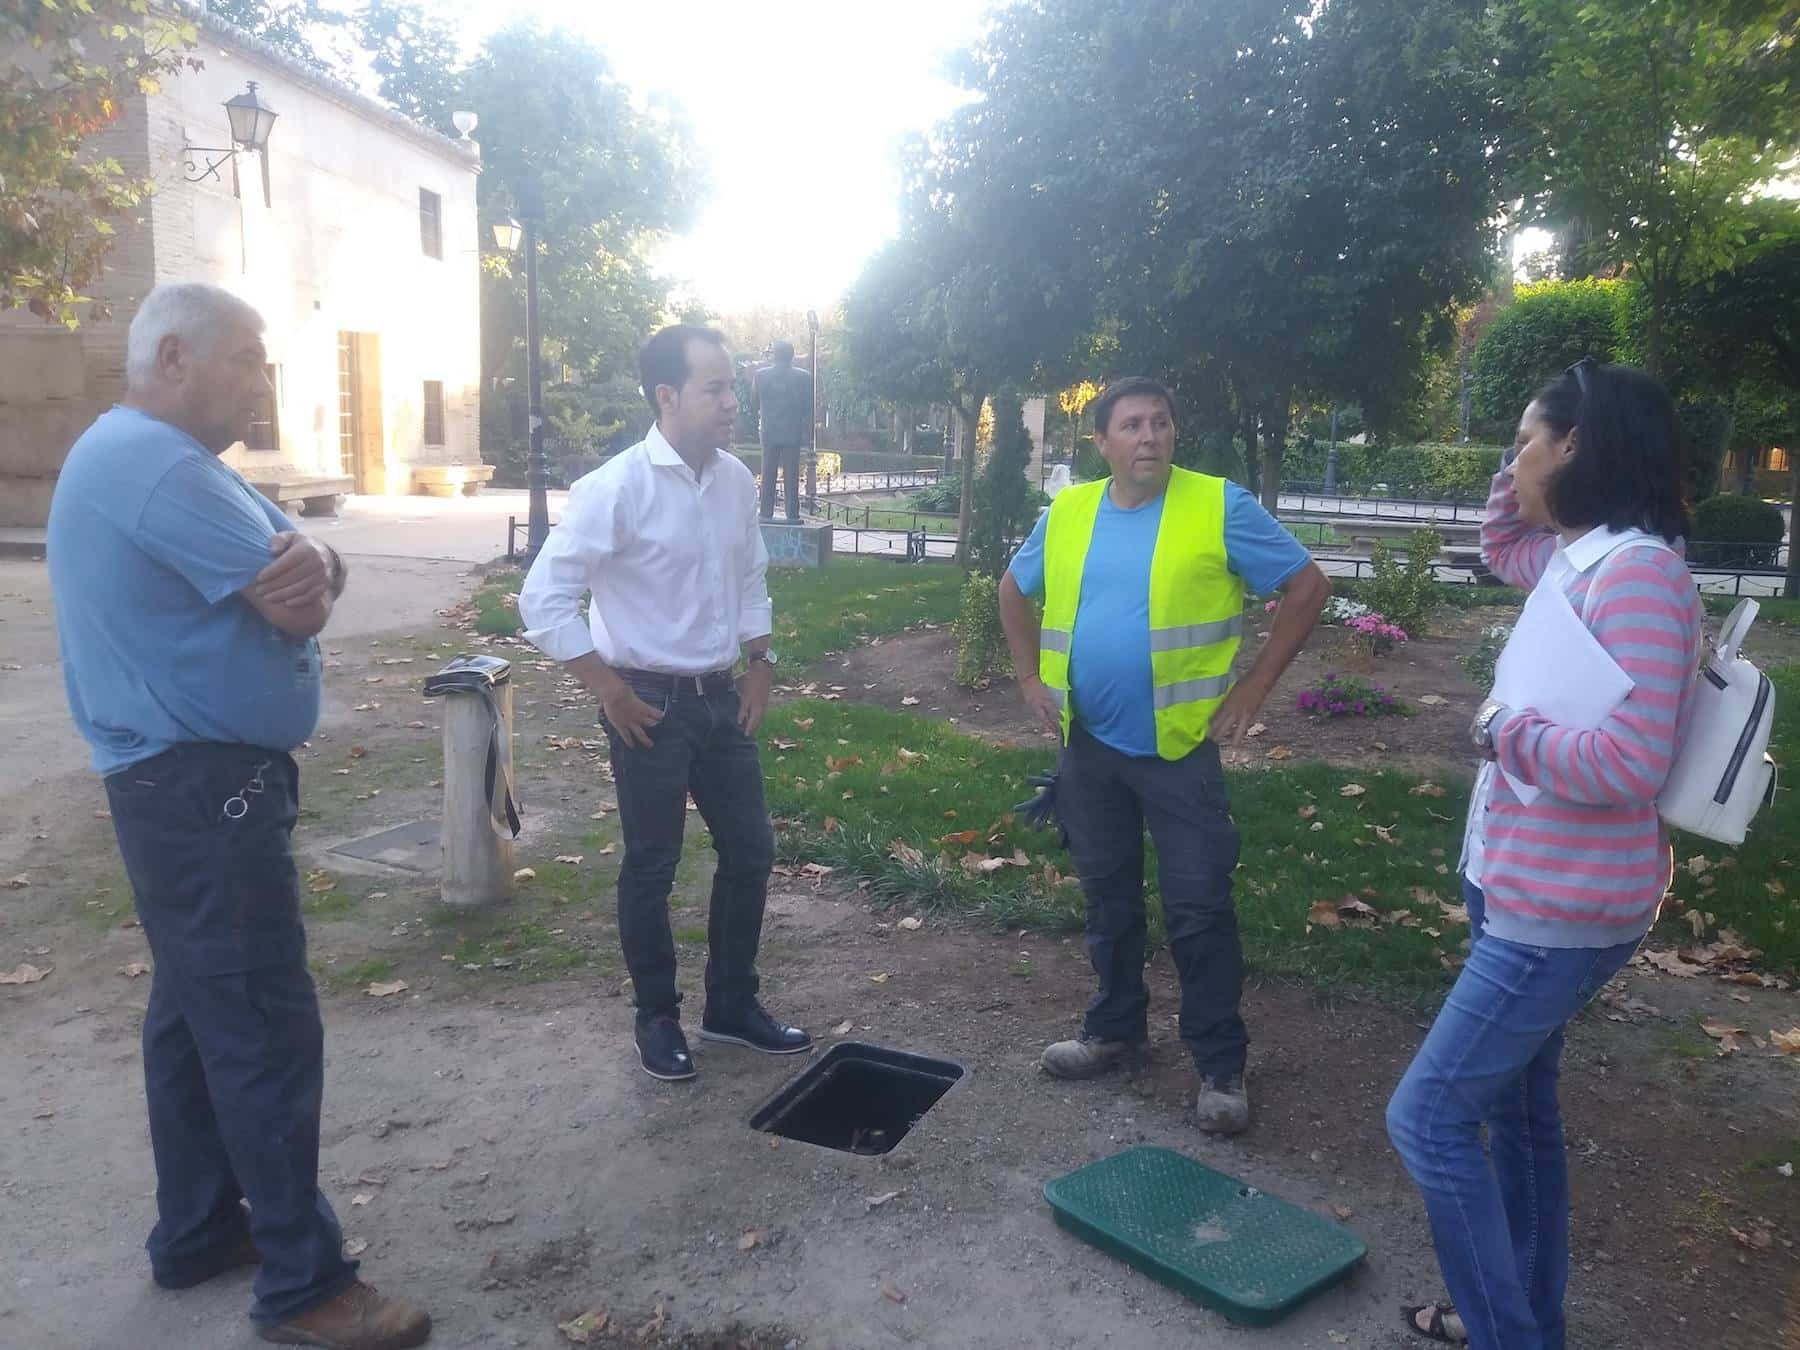 telegestion riego herencia 2 - La telegestión de riego de Herencia permitirá ahorrar el 30% del consumo de agua